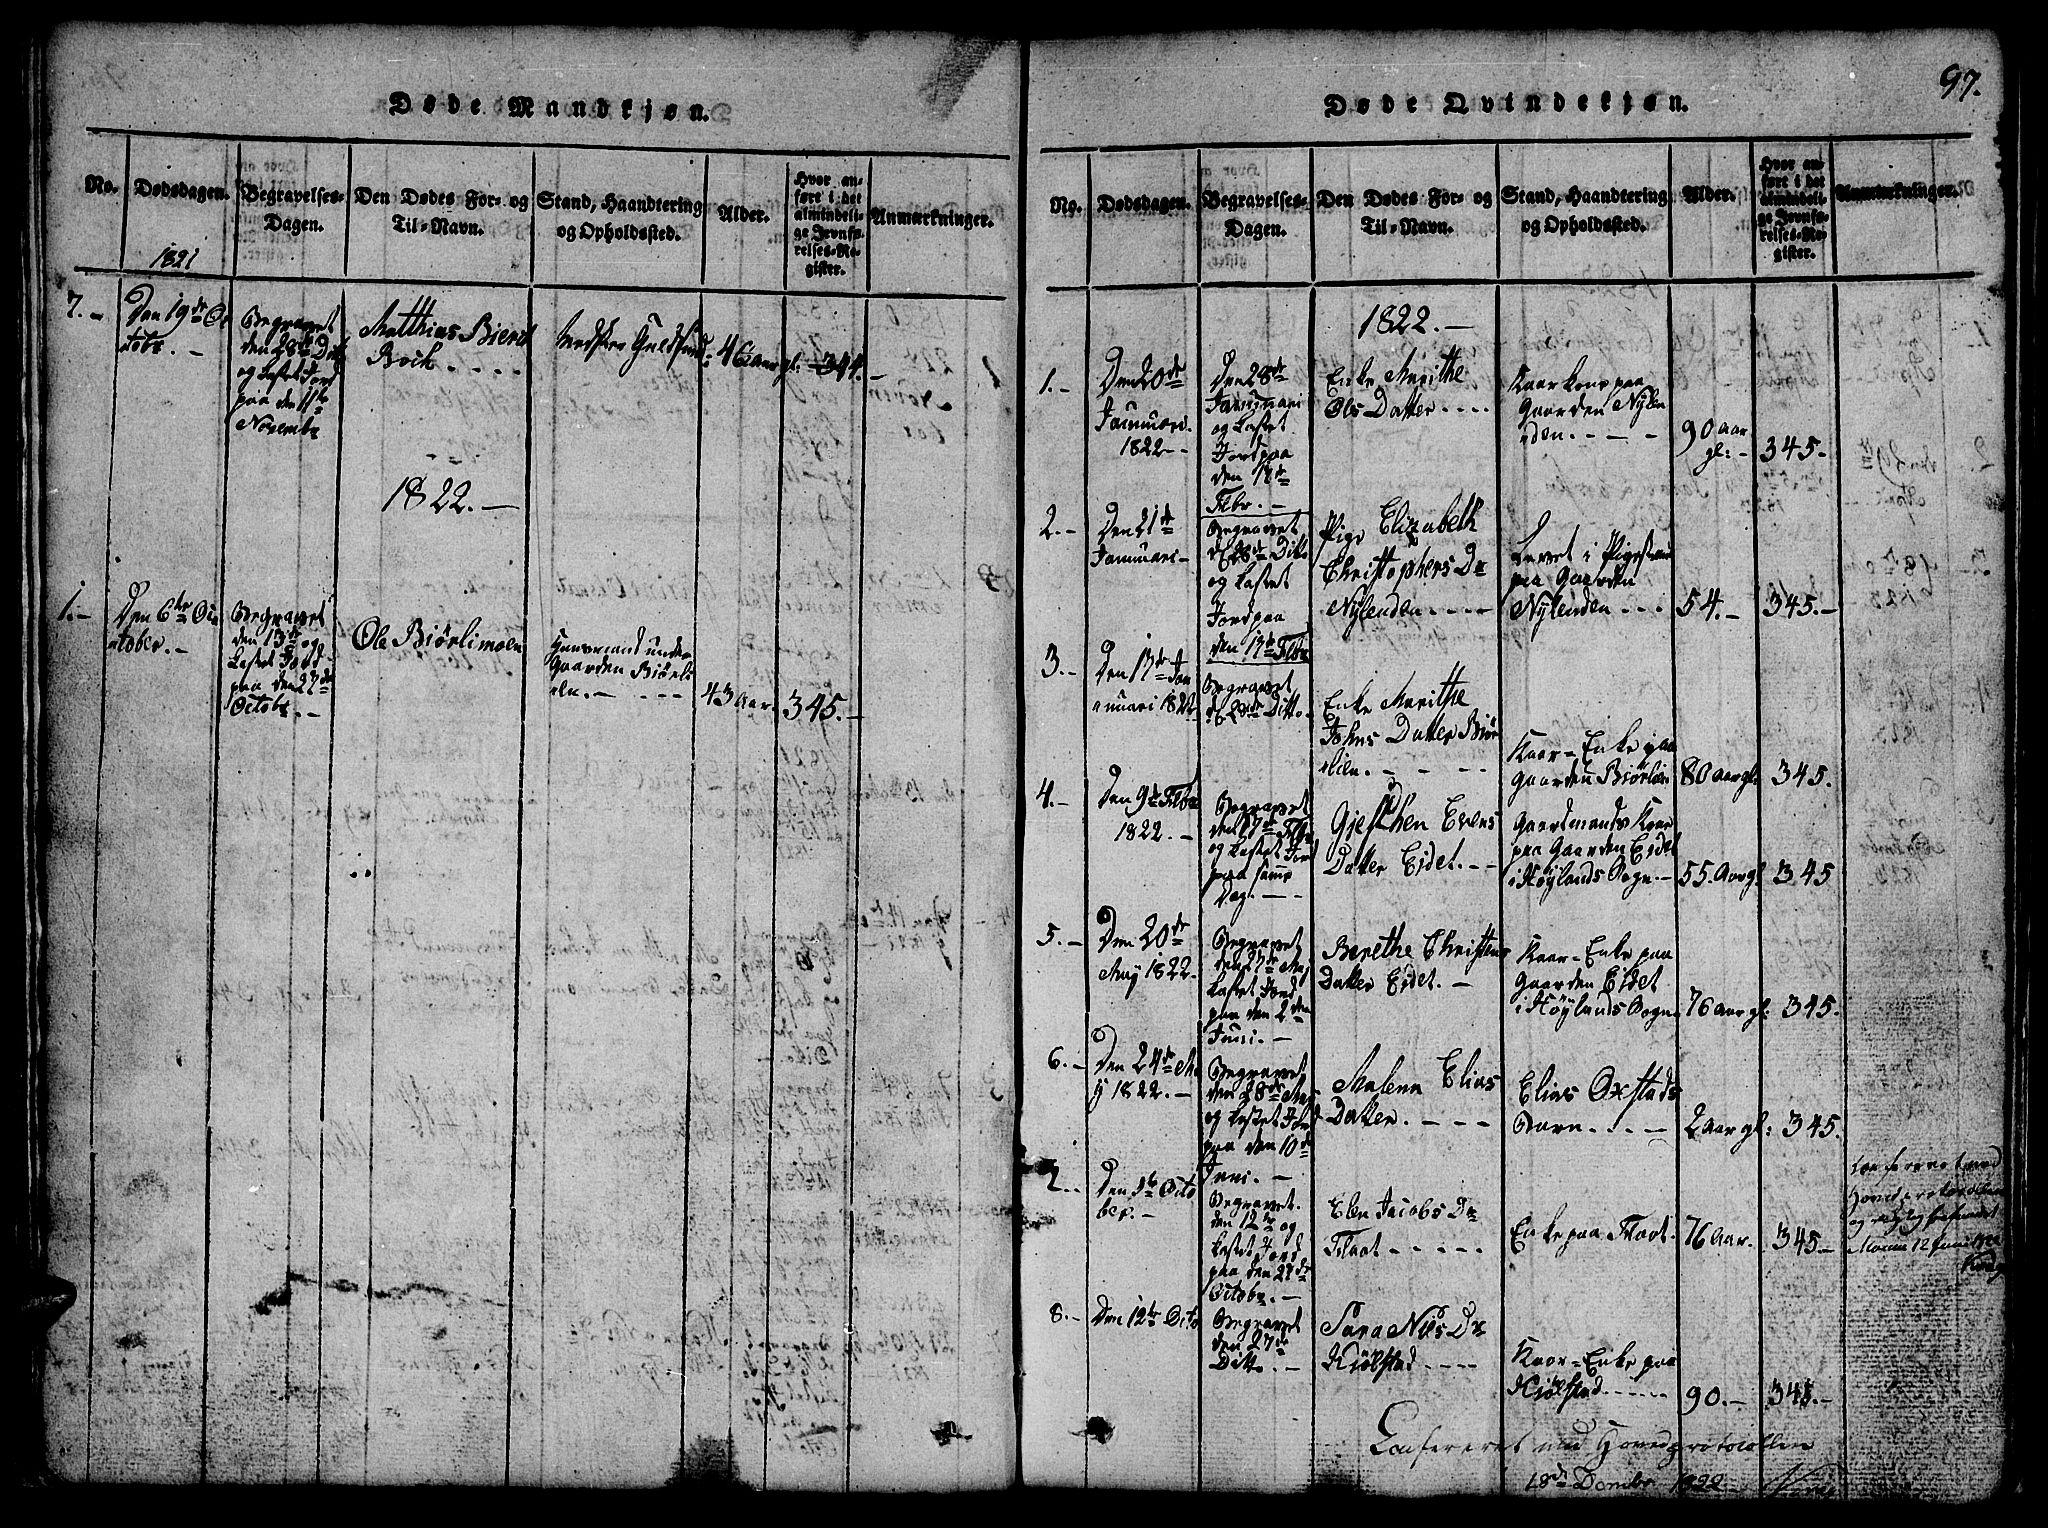 SAT, Ministerialprotokoller, klokkerbøker og fødselsregistre - Nord-Trøndelag, 765/L0562: Klokkerbok nr. 765C01, 1817-1851, s. 97